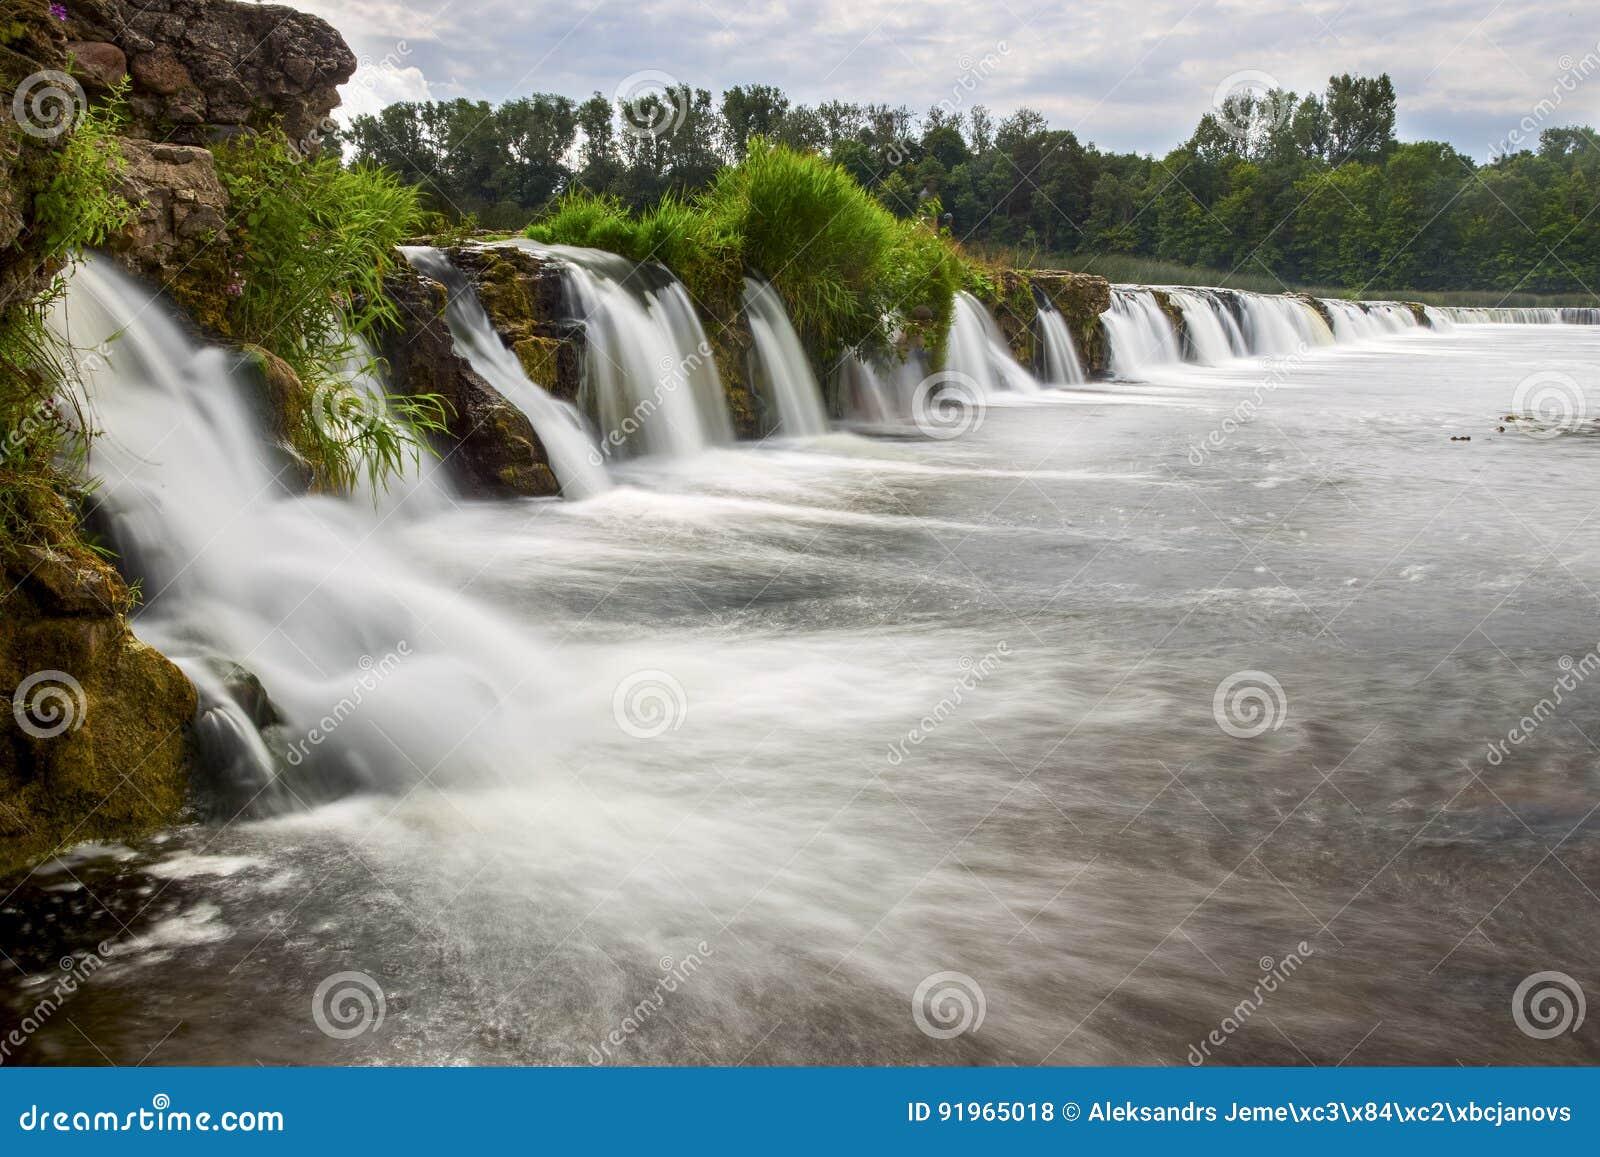 Più ampia cascata in Europa